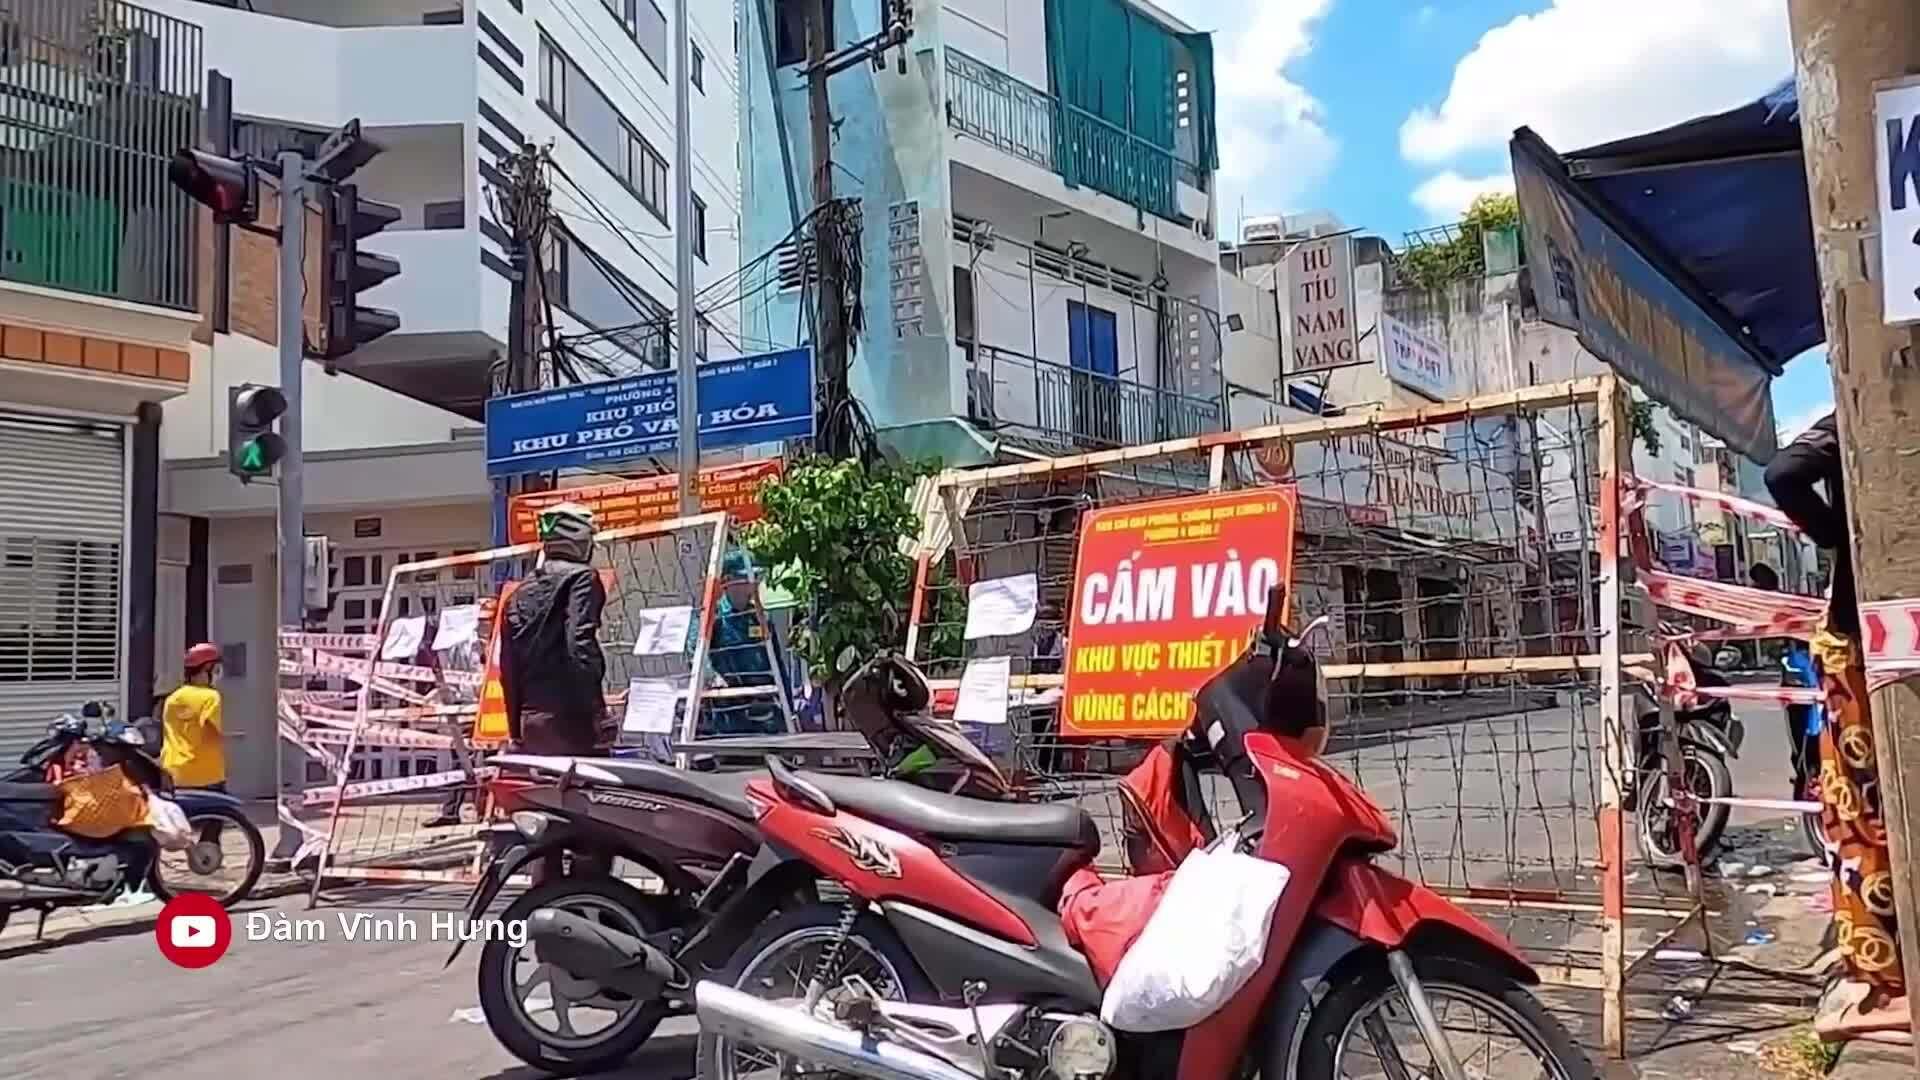 Đàm Vĩnh Hưng ủng hộ 5 tấn gạo cho người dân Sài Gòn